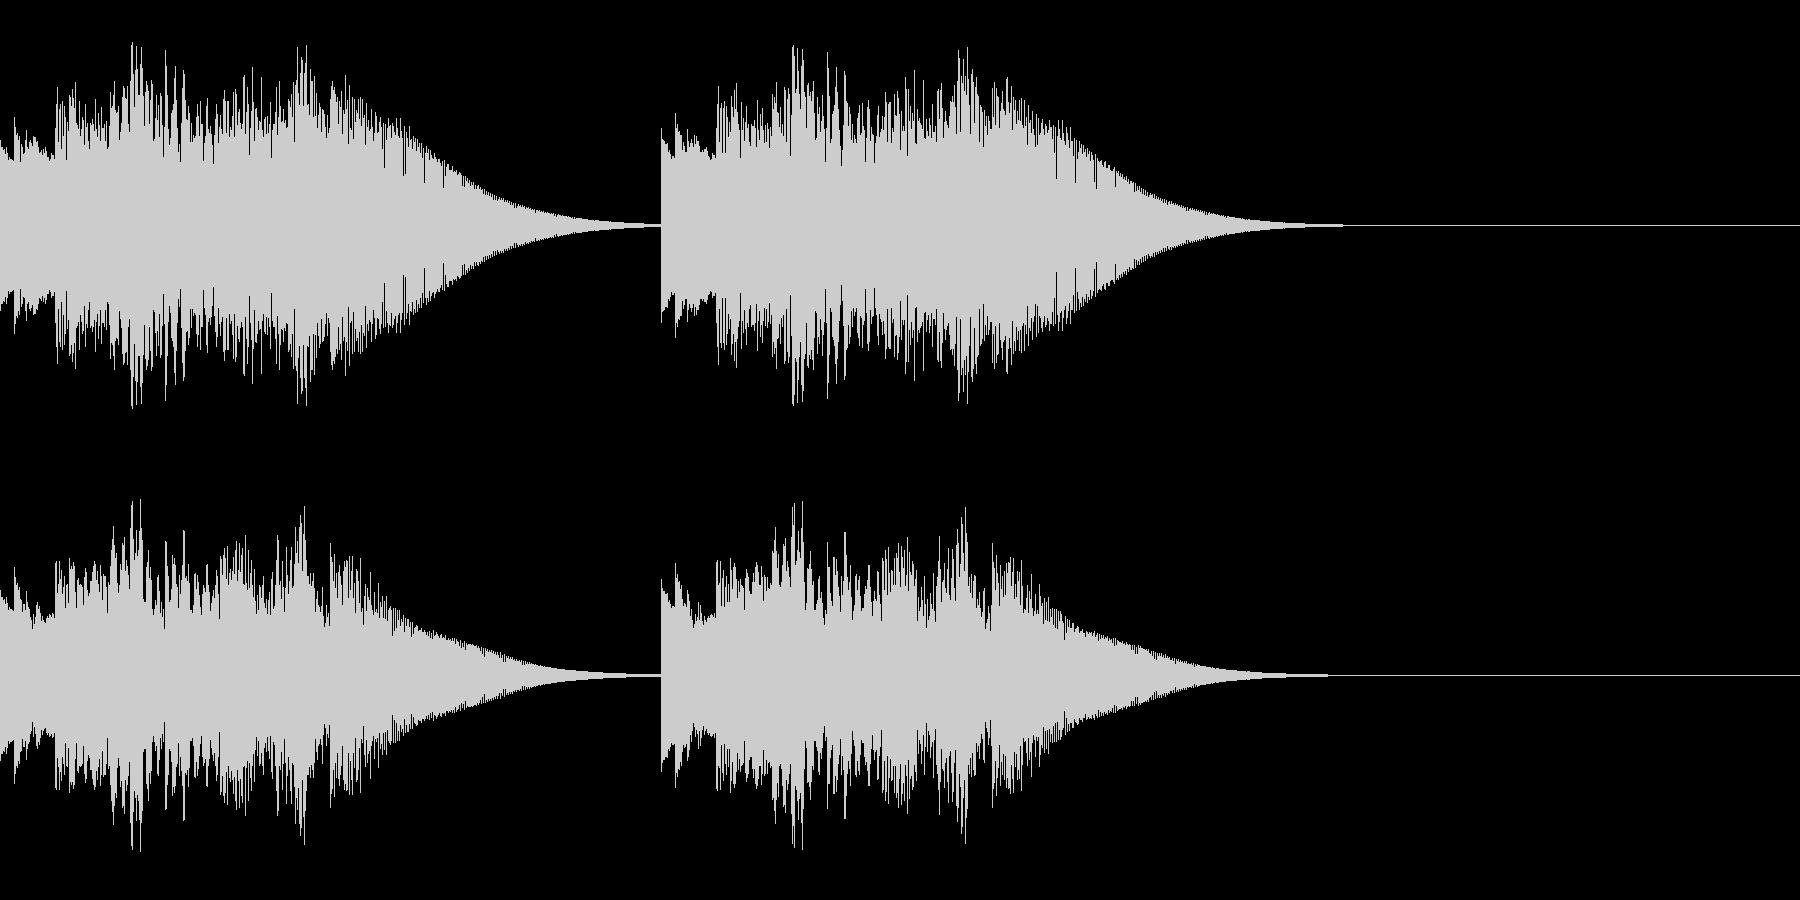 テロリロレララン×2 お知らせ 速報 の未再生の波形